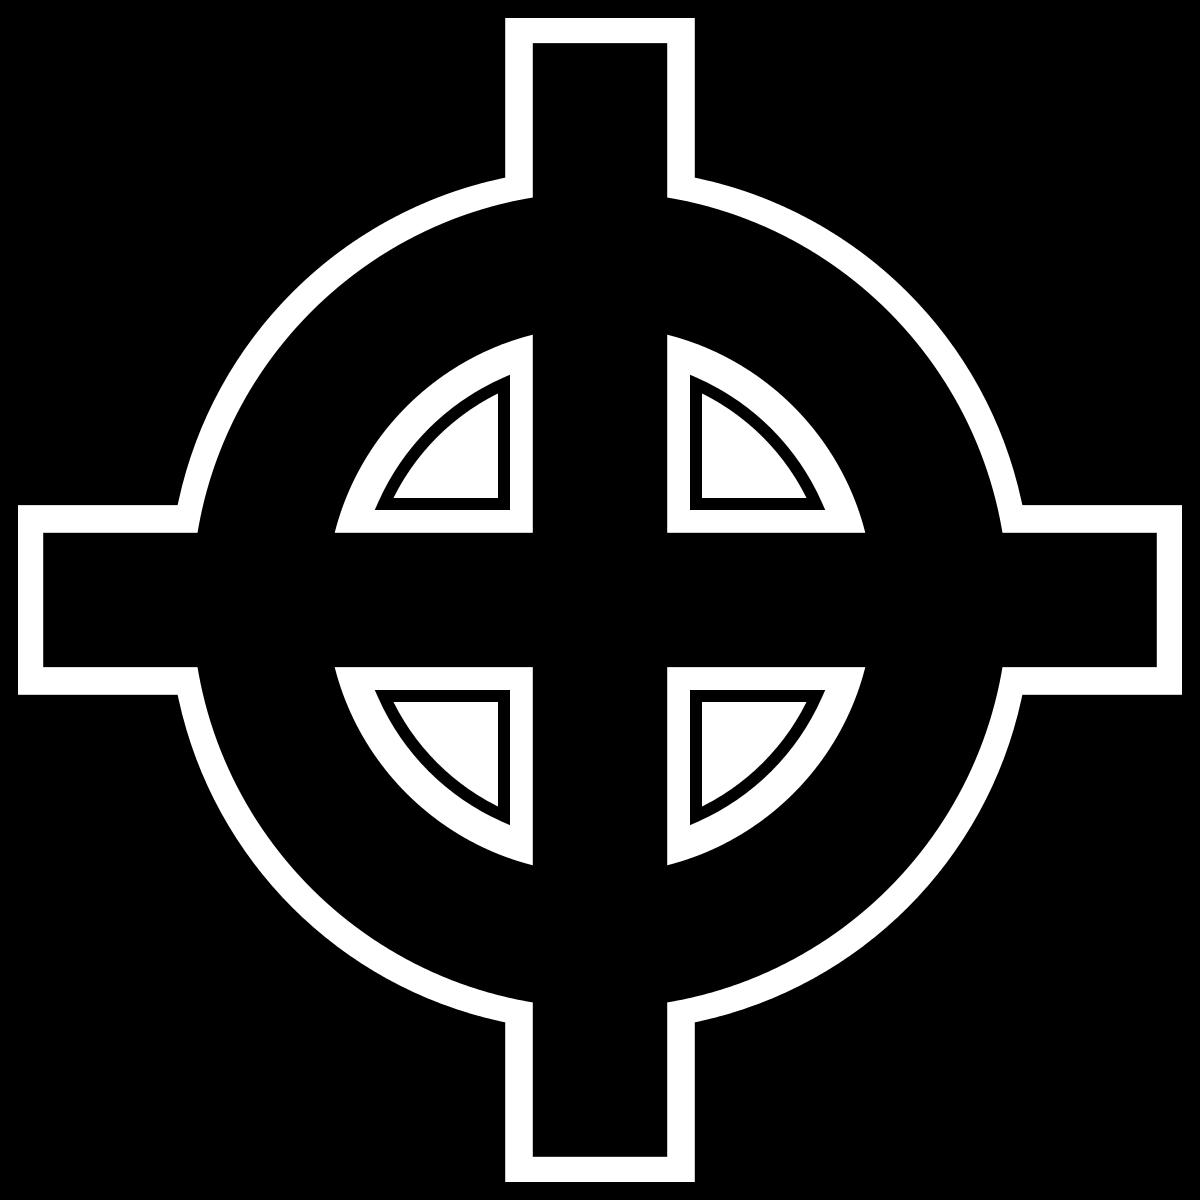 нацистская россия